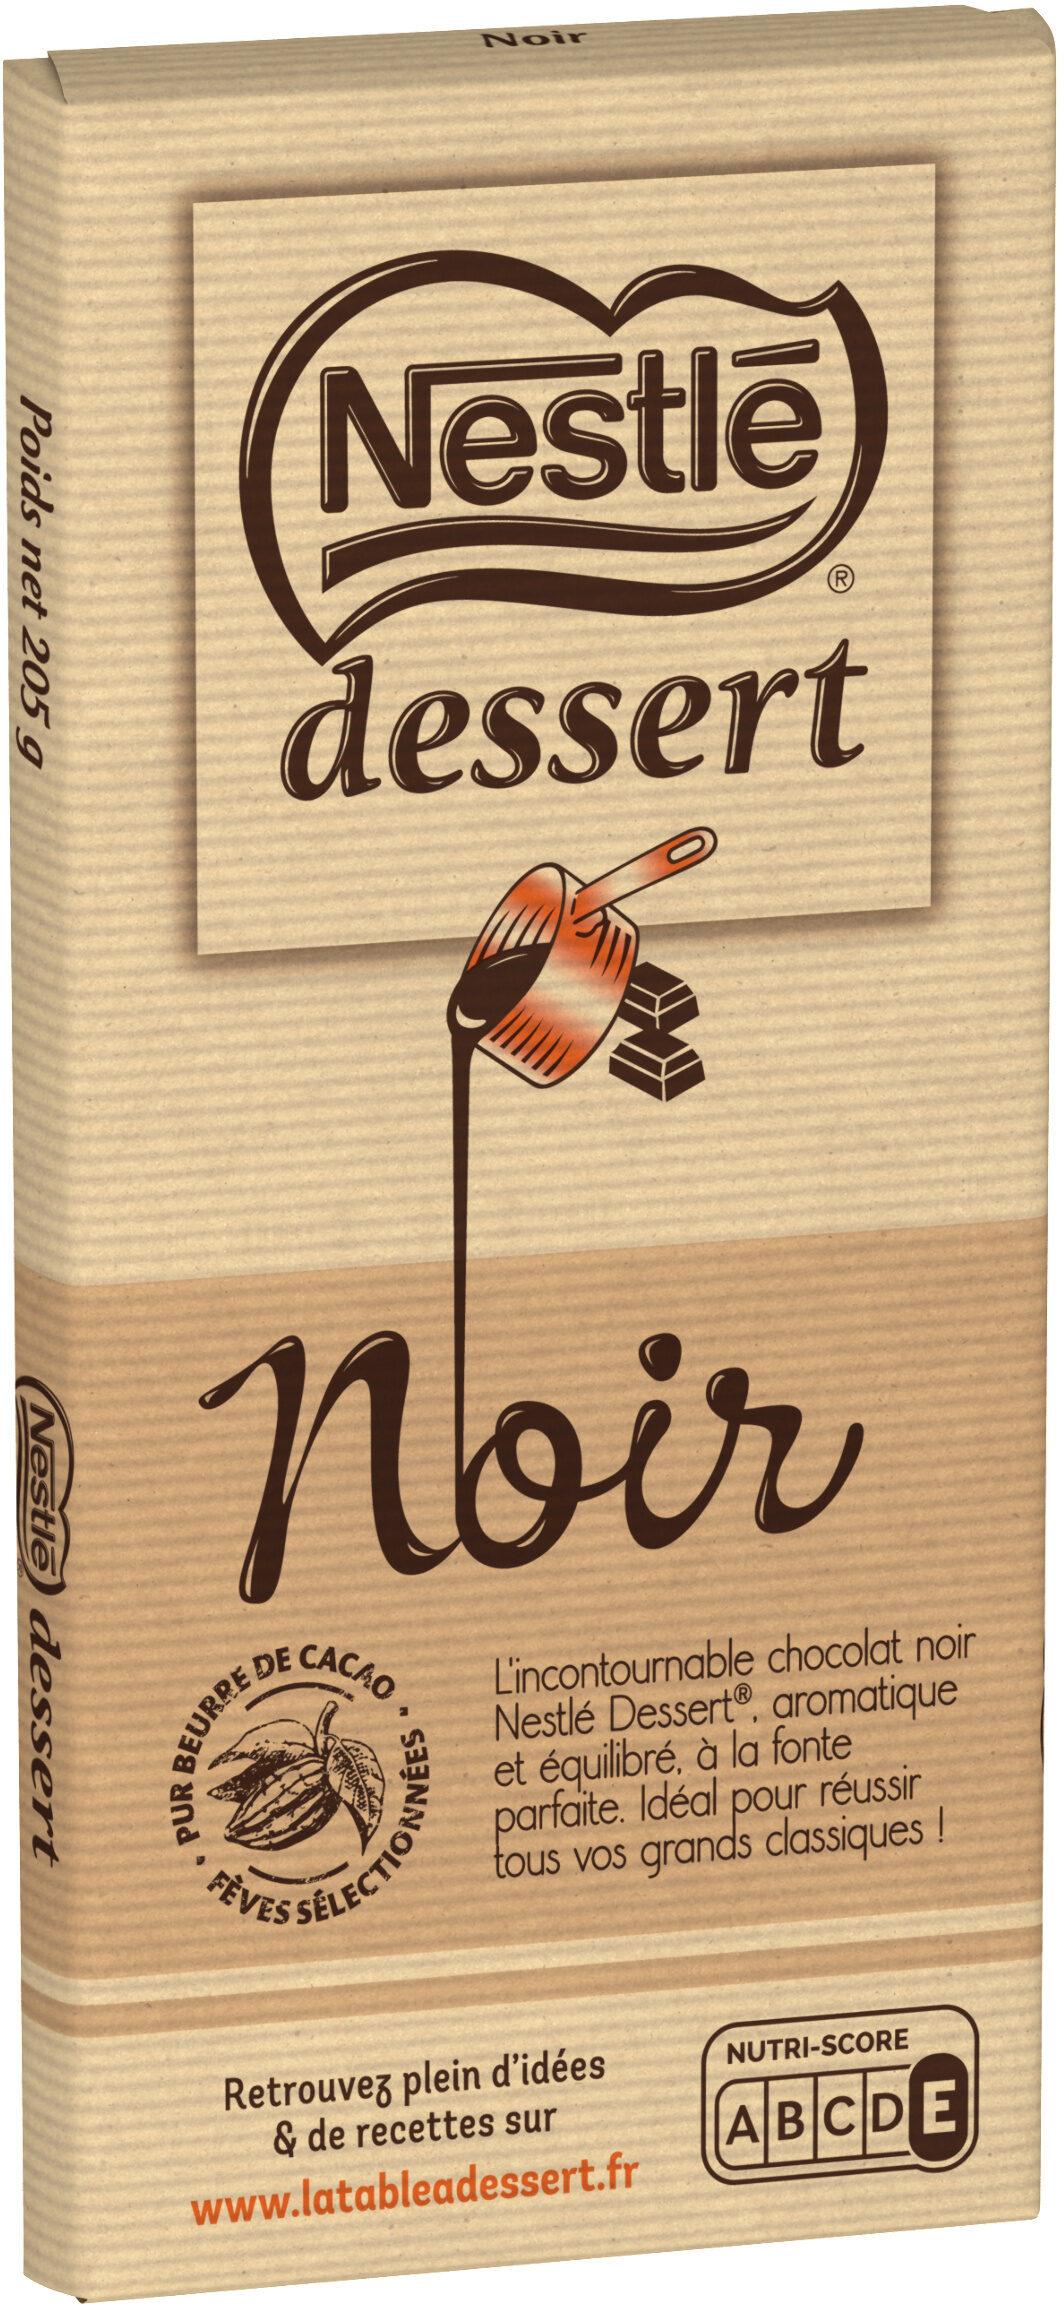 NESTLE DESSERT Noir - Product - fr